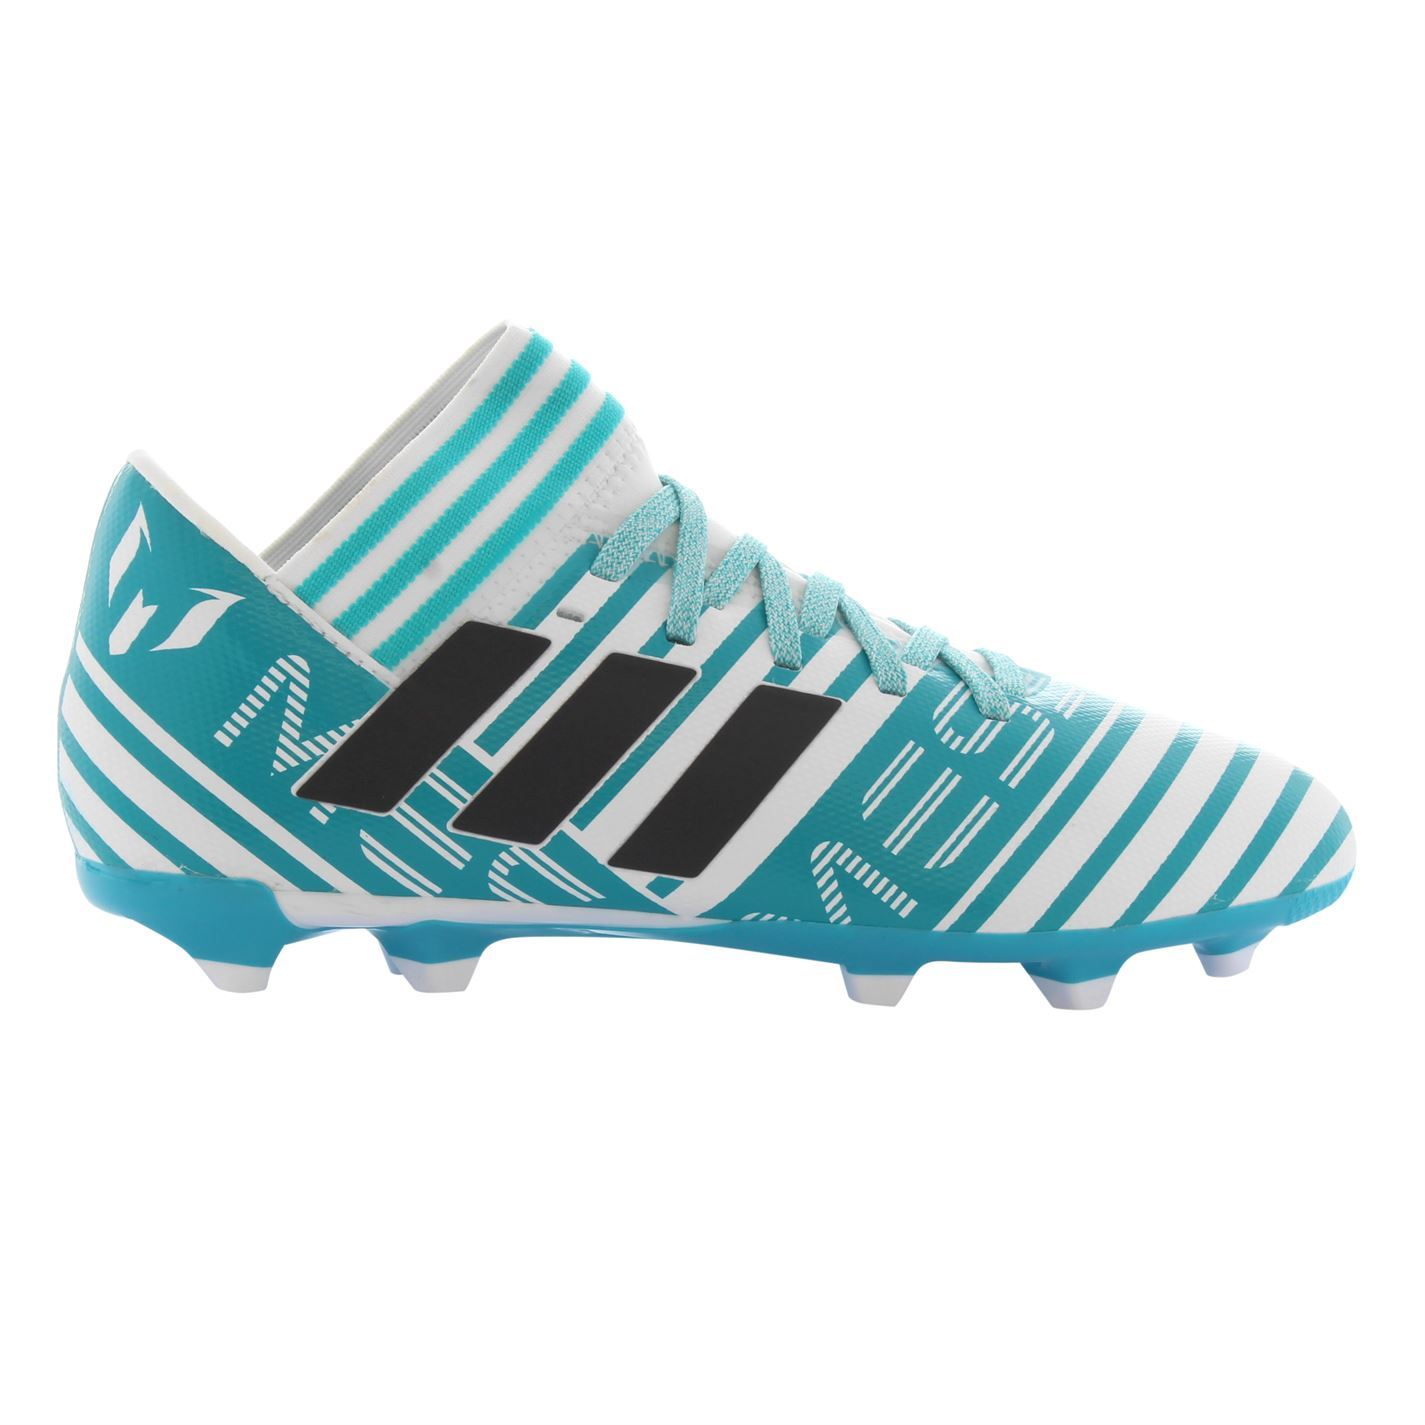 dcdcb32f1536 adidas Nemeziz Messi 17.3 Firm Ground Football Boots Juniors Blue Soccer  Cleats